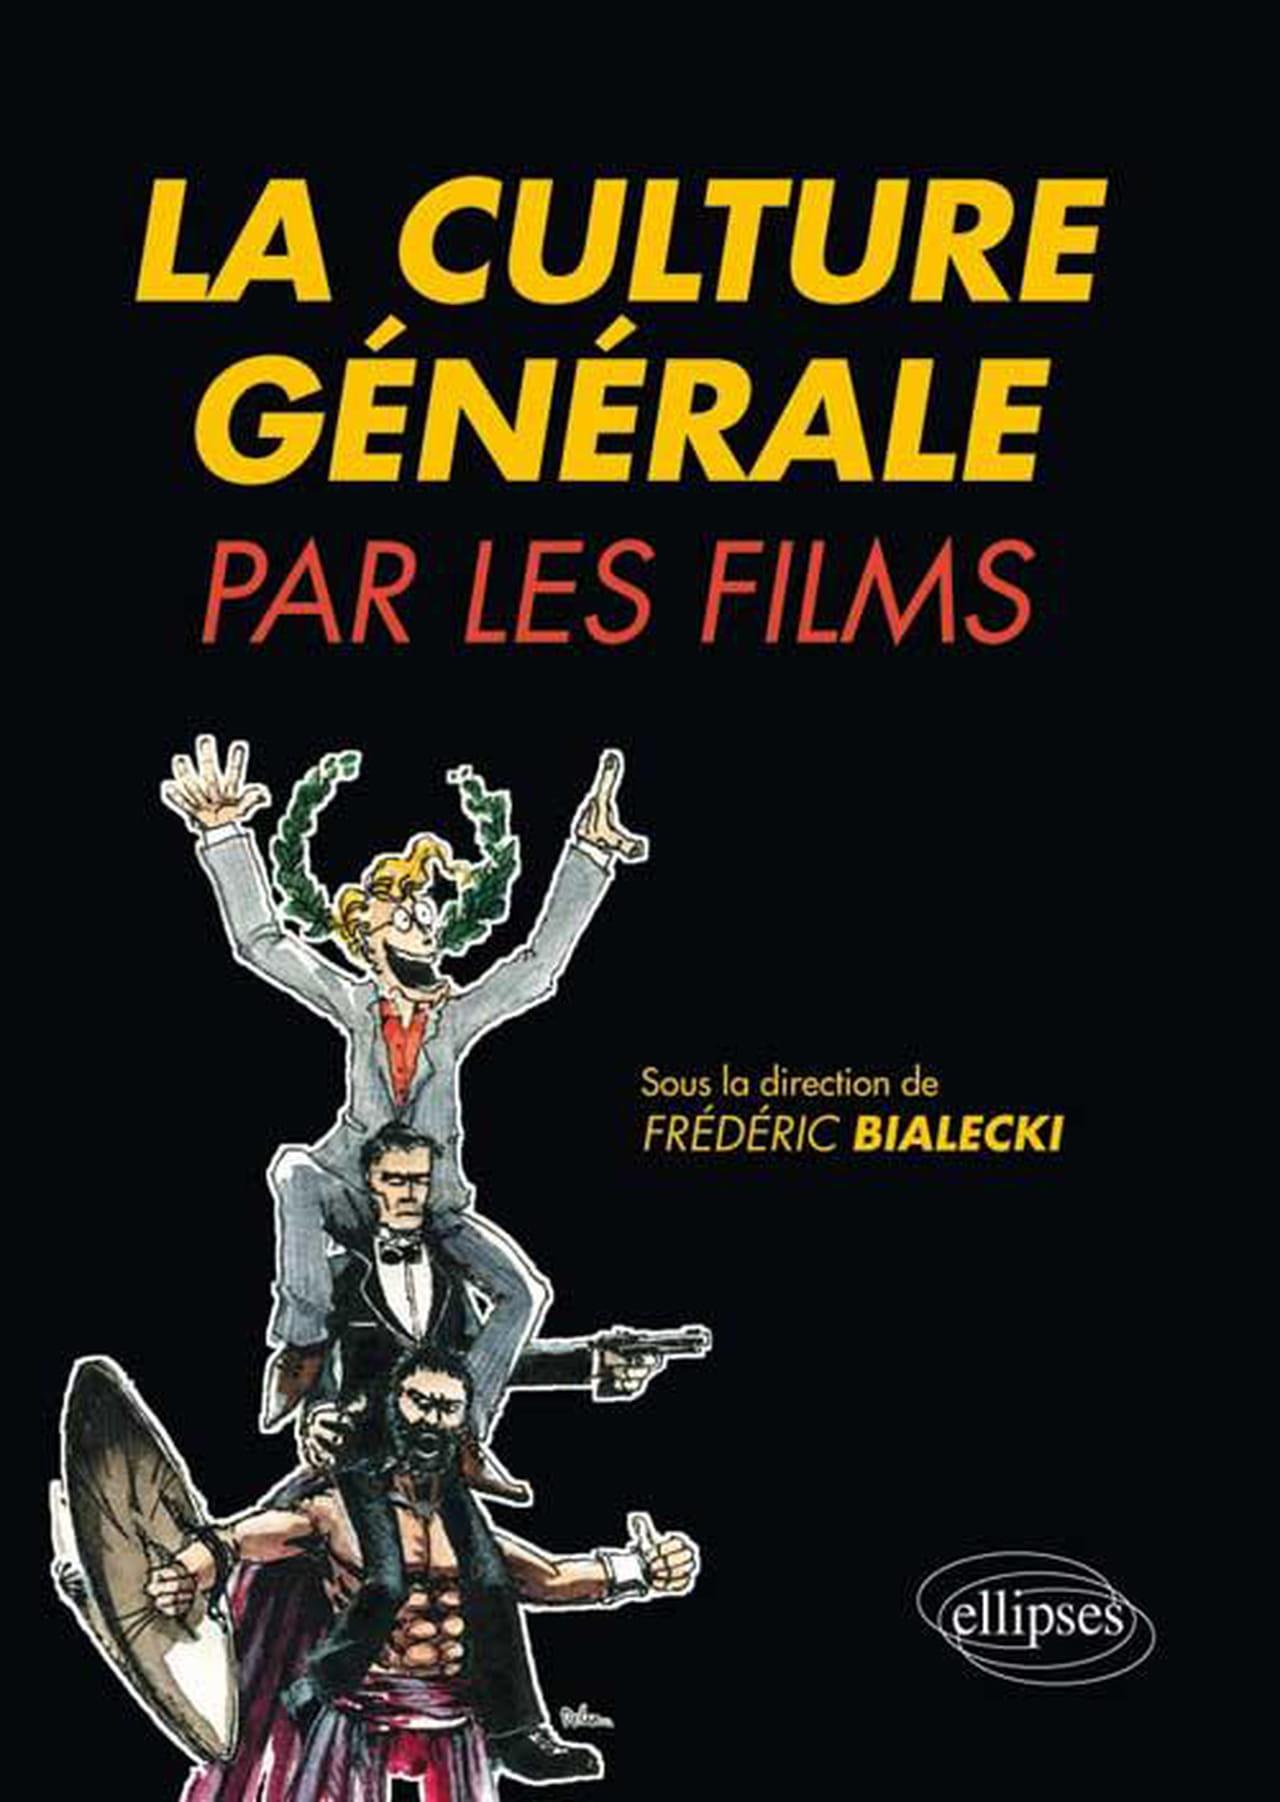 Culture générale film